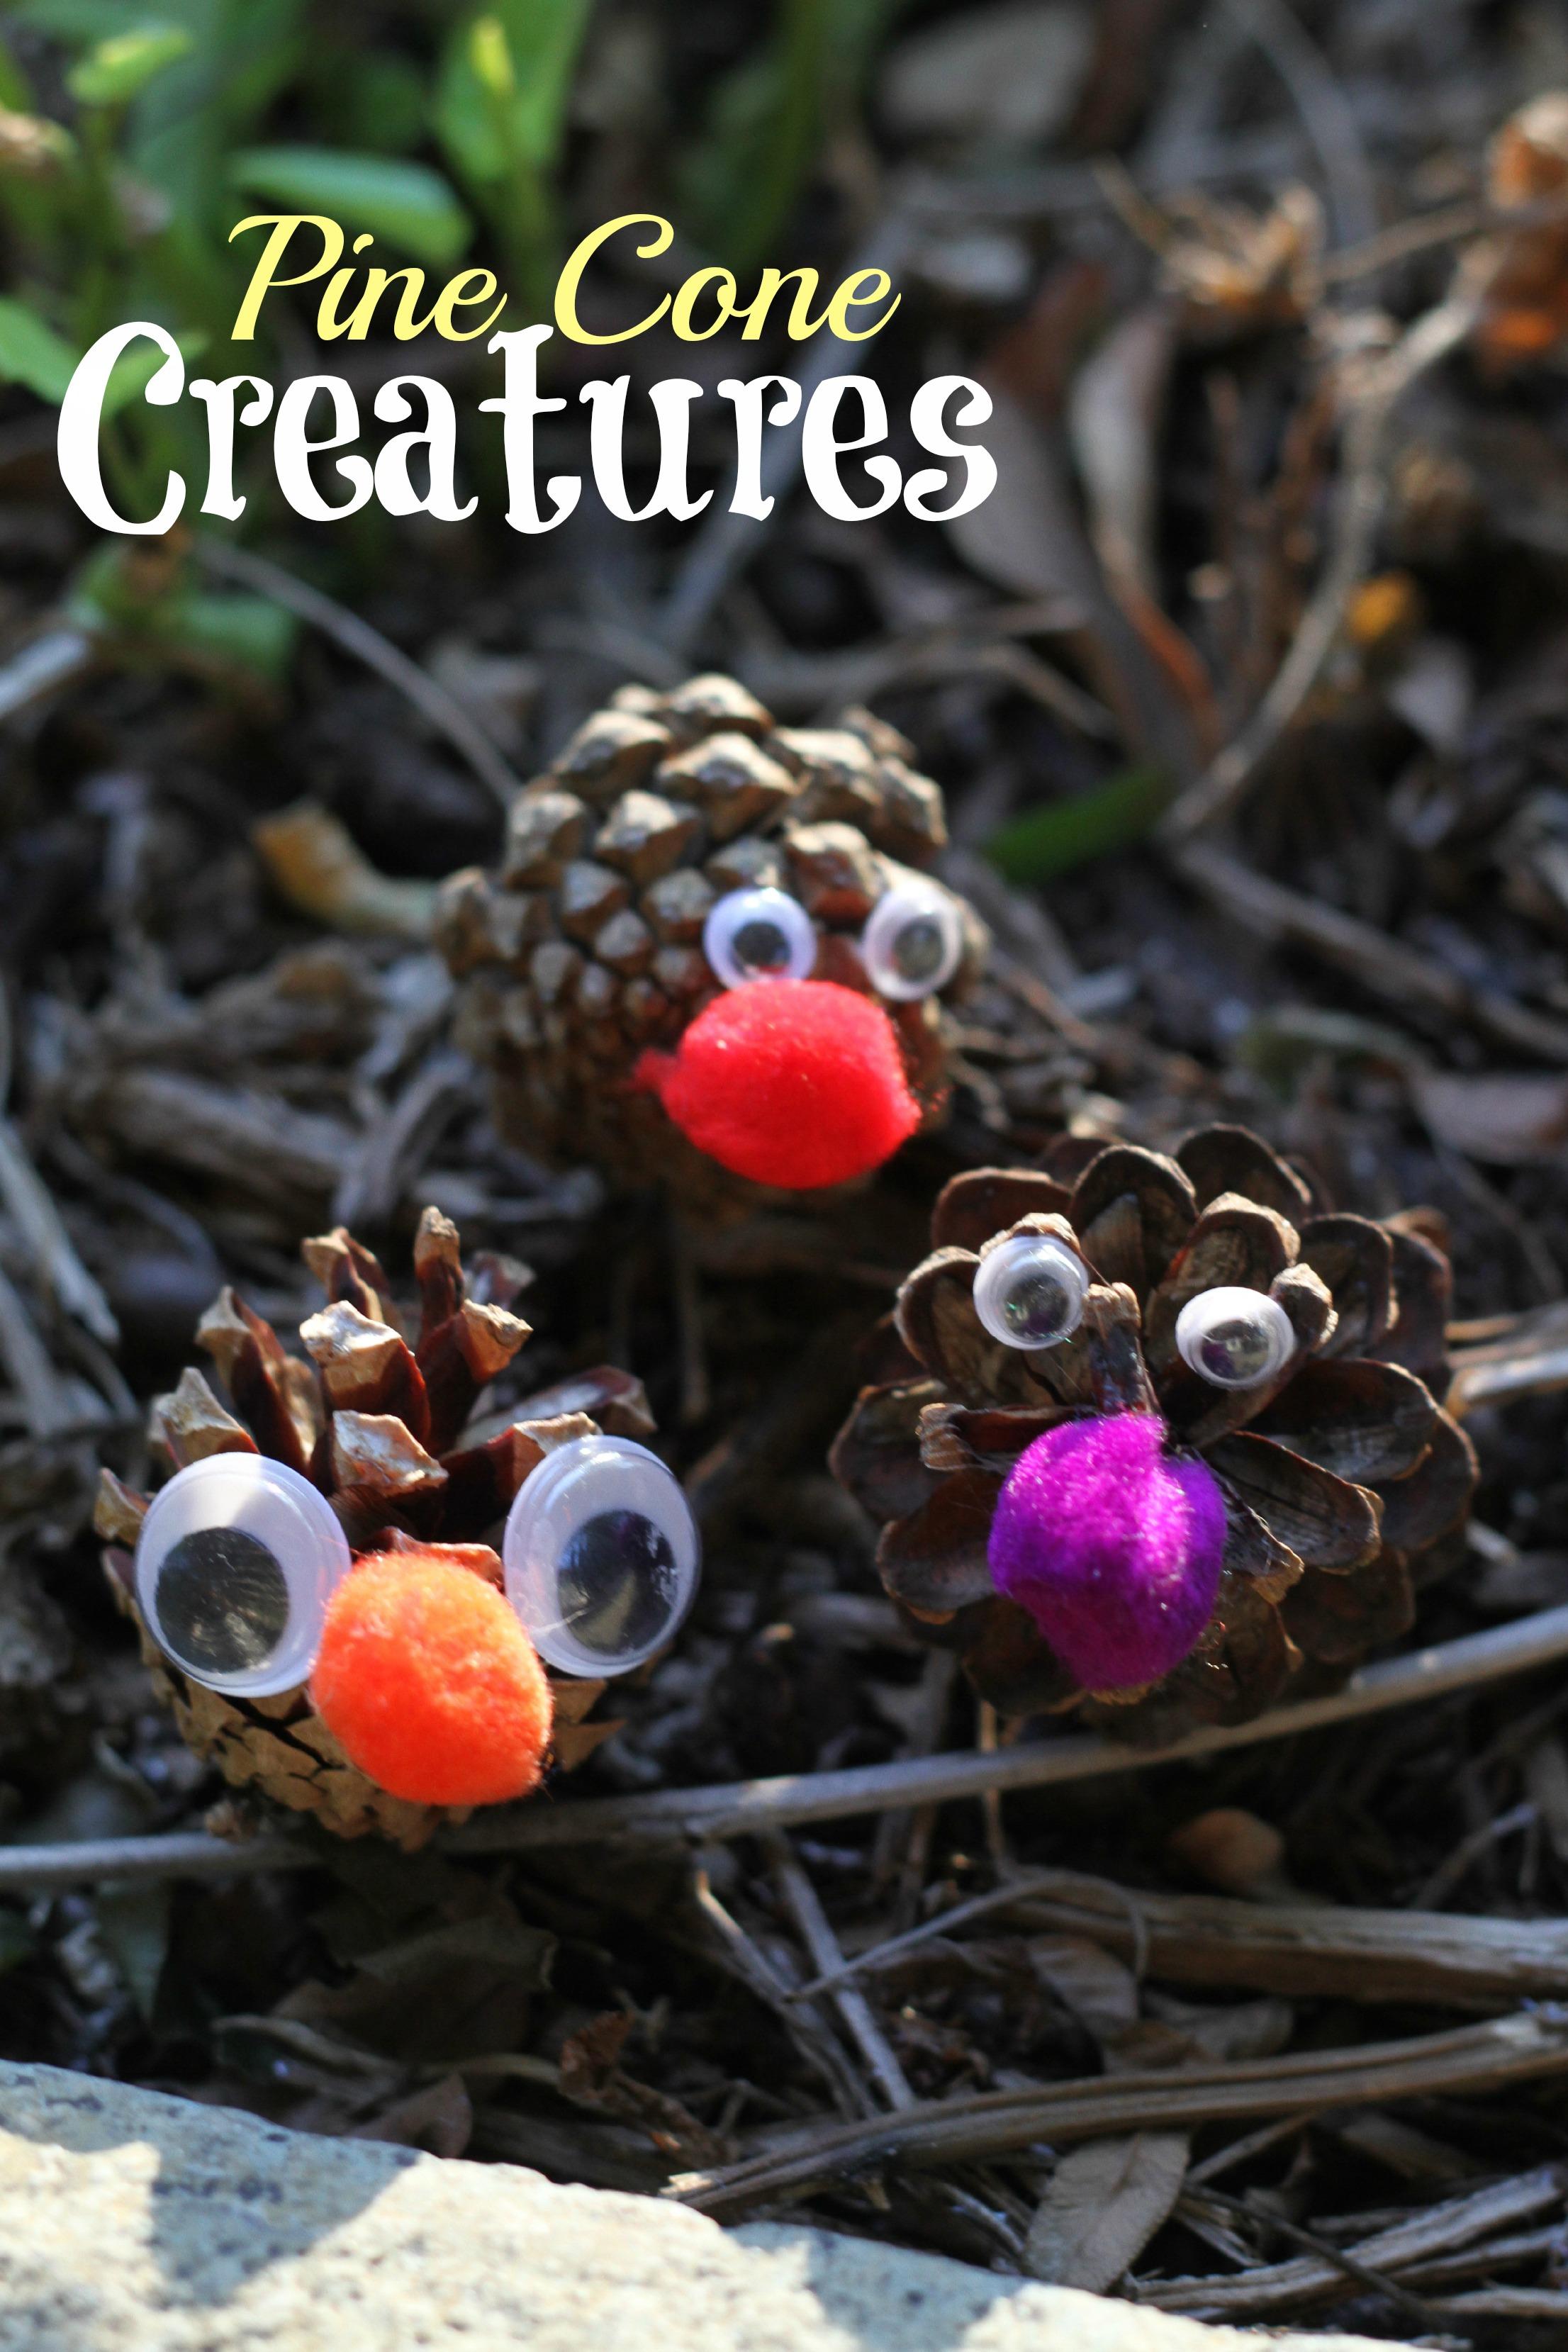 Pine Cone Creatures